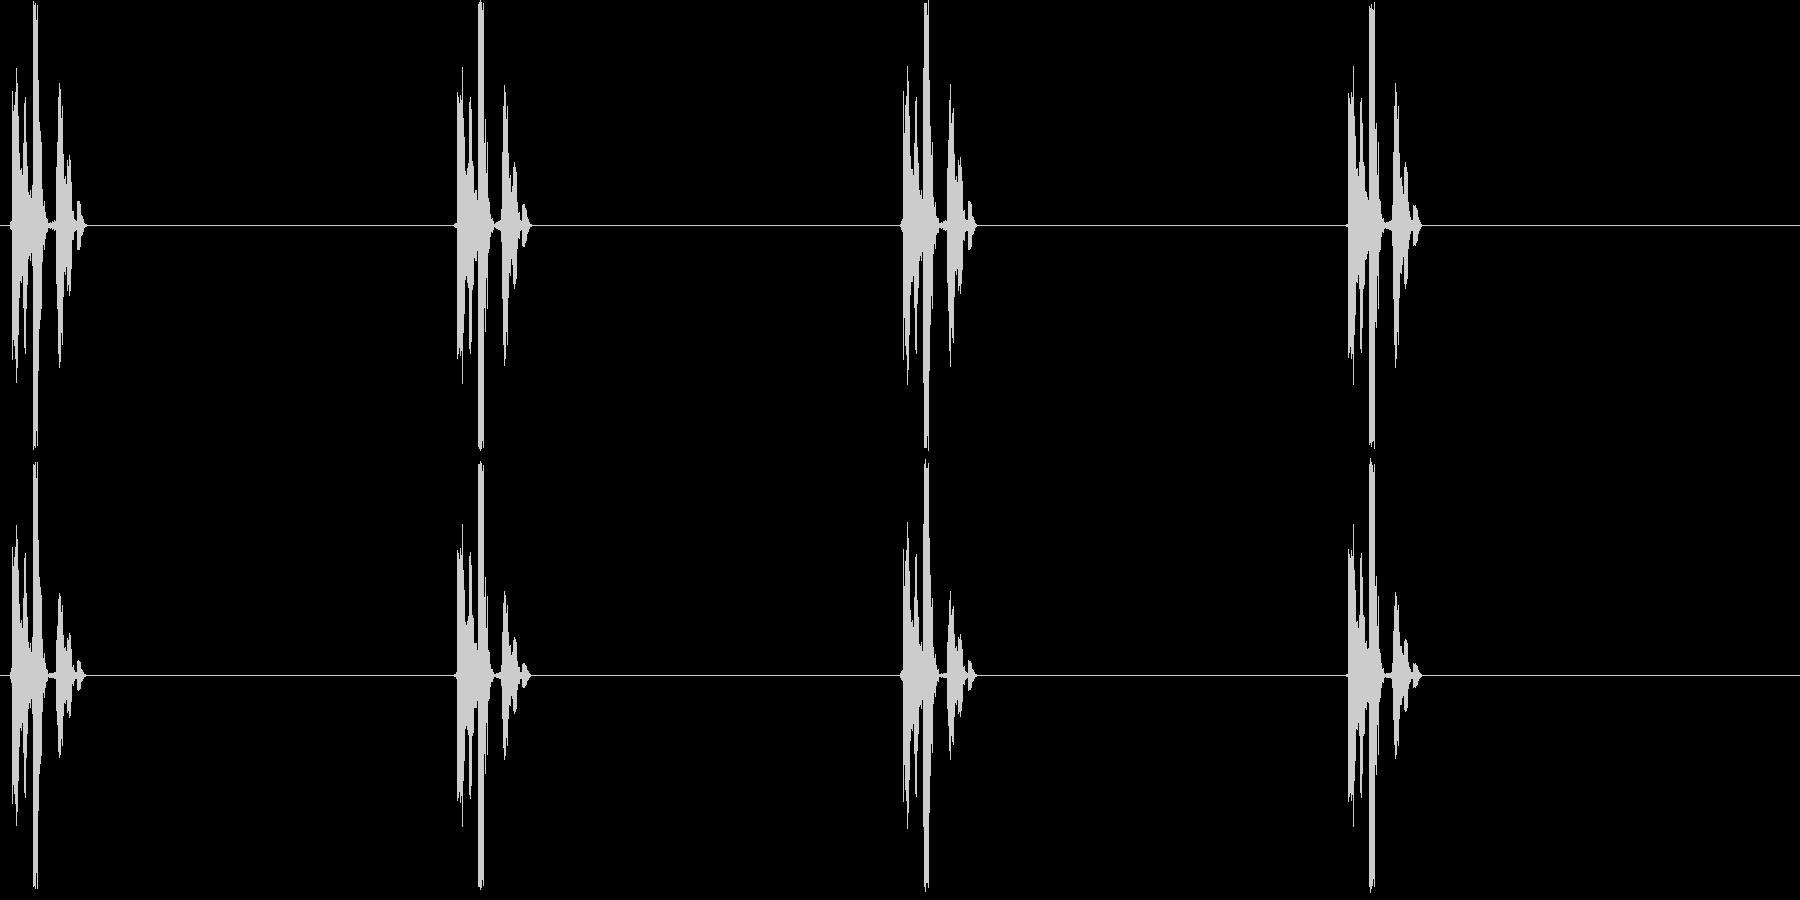 チク・・・タク・・・(時計、ゆっくり)の未再生の波形